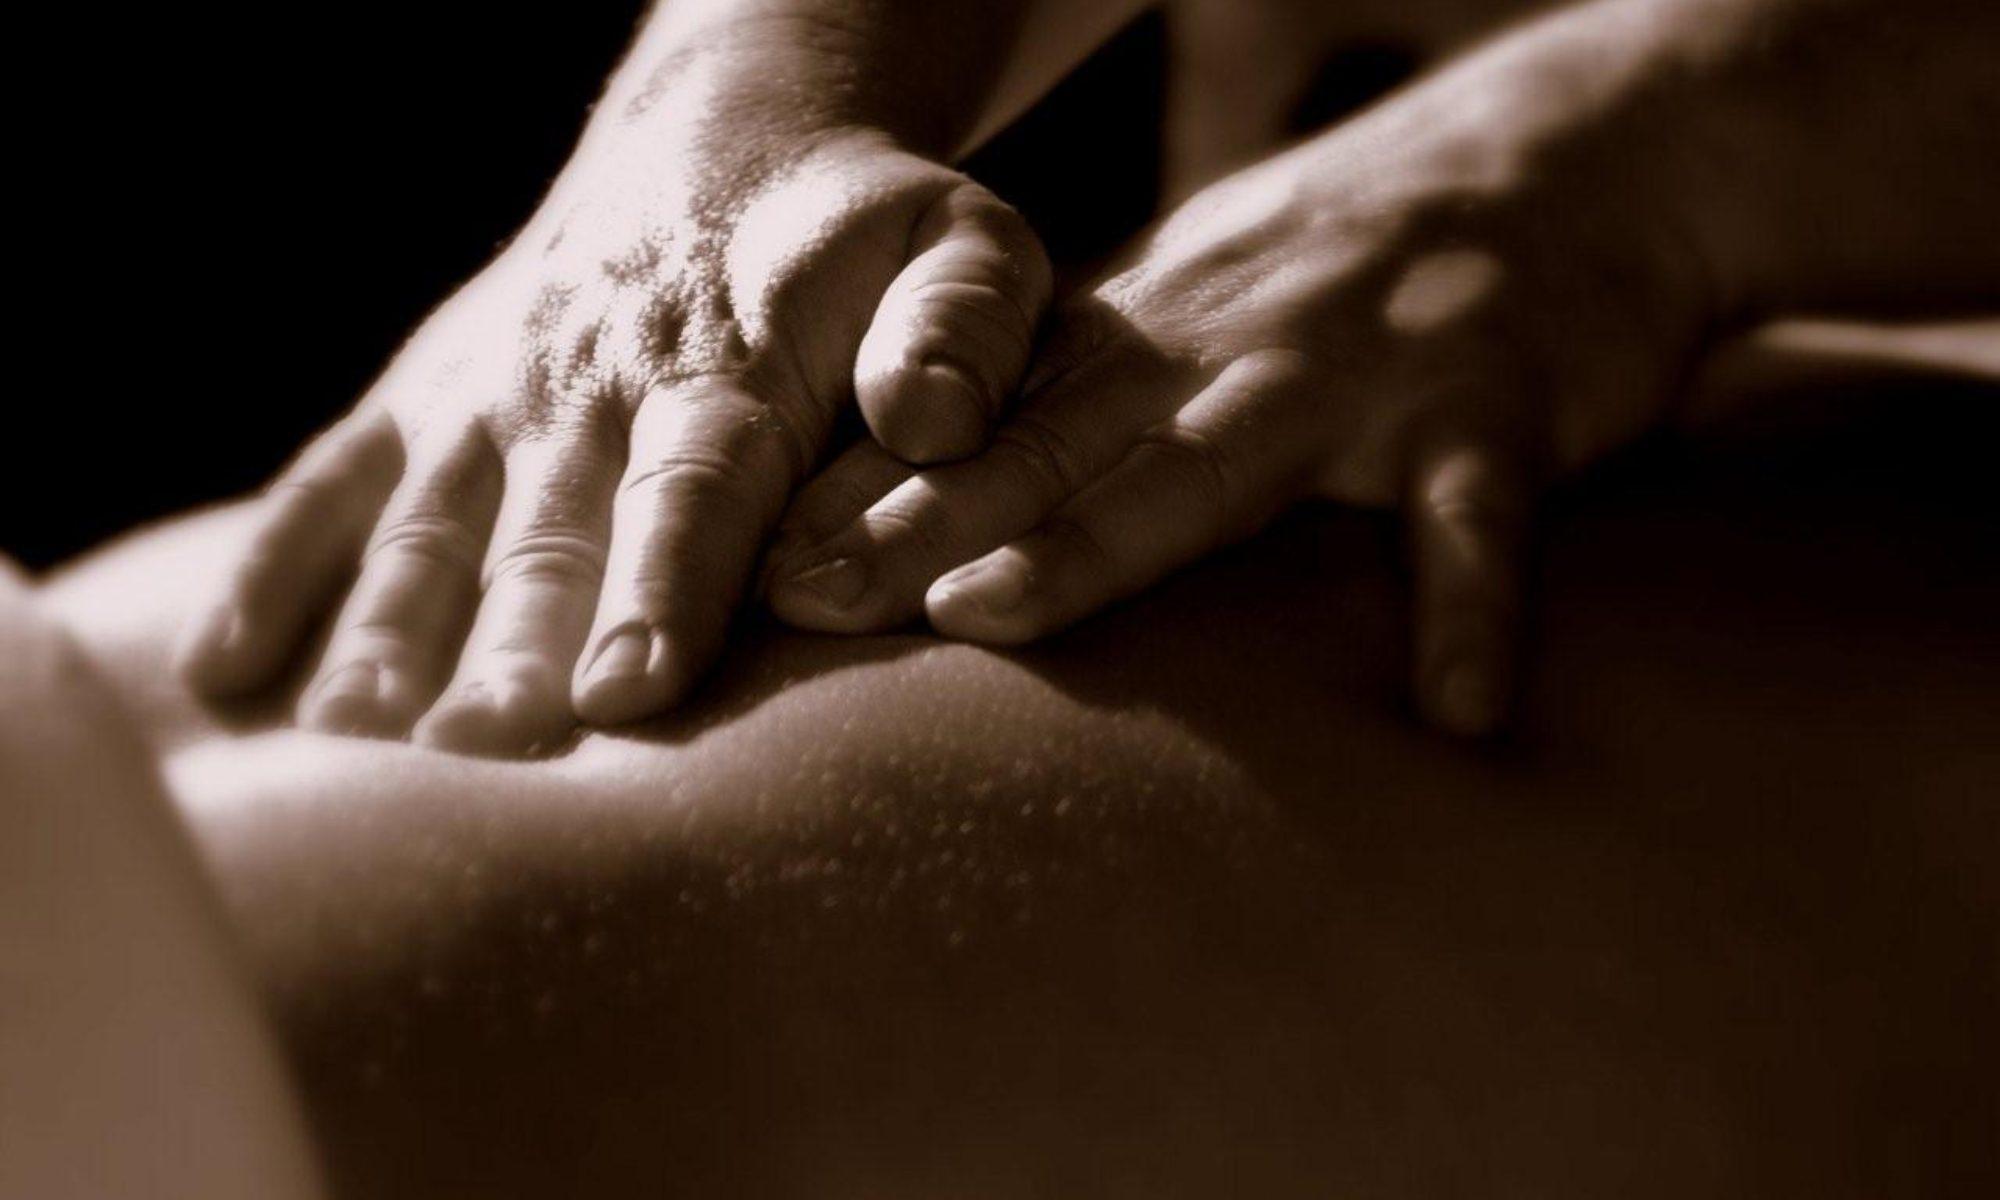 Jim Mangani Therapeutic Massage and Bodywork